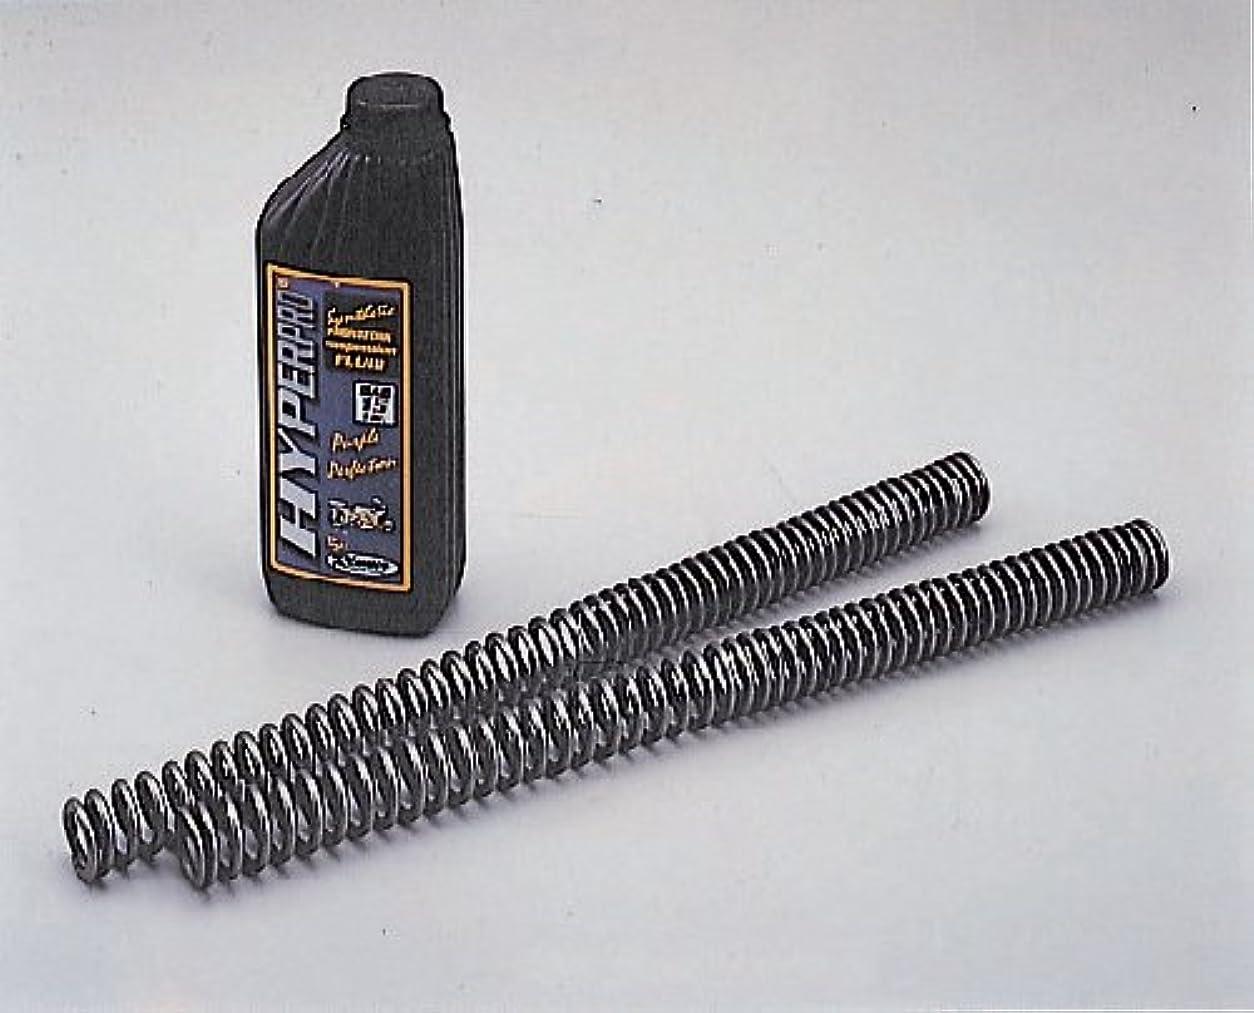 構成員装置ピストルMatris(マトリス) フロントフォーク用スプリングキット KEタイプ ホンダ ホーネット600 (1998-04) 009-FH203KE 009-FH203KE